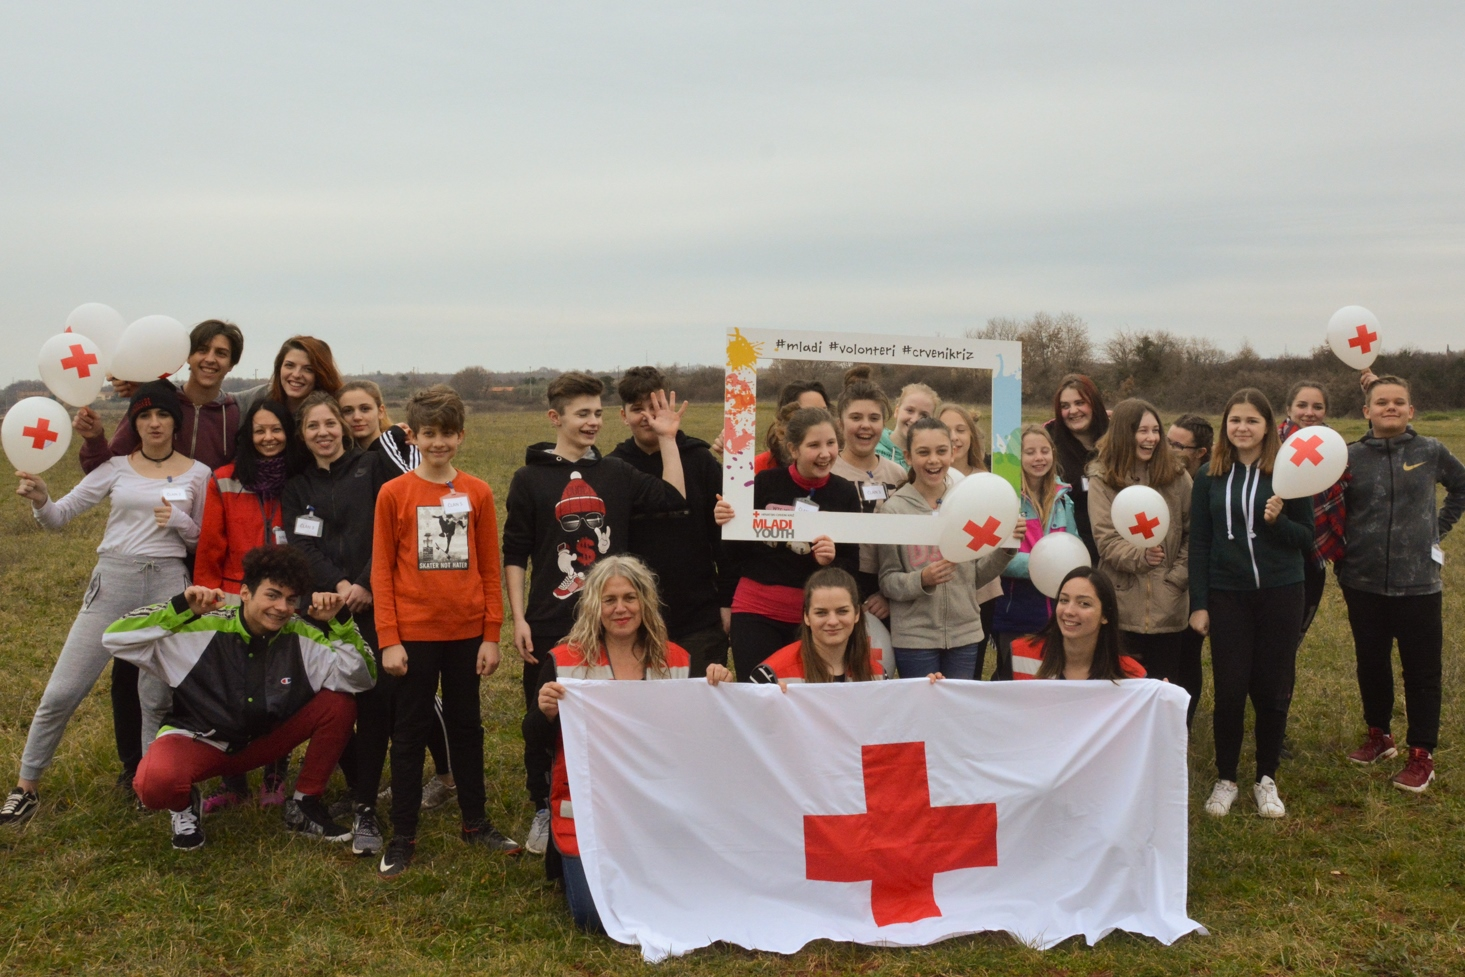 https://novigrad.hr/ekipa_crvenog_krizha_osh_rivarela_druga_na_meugradskom_natjecanju